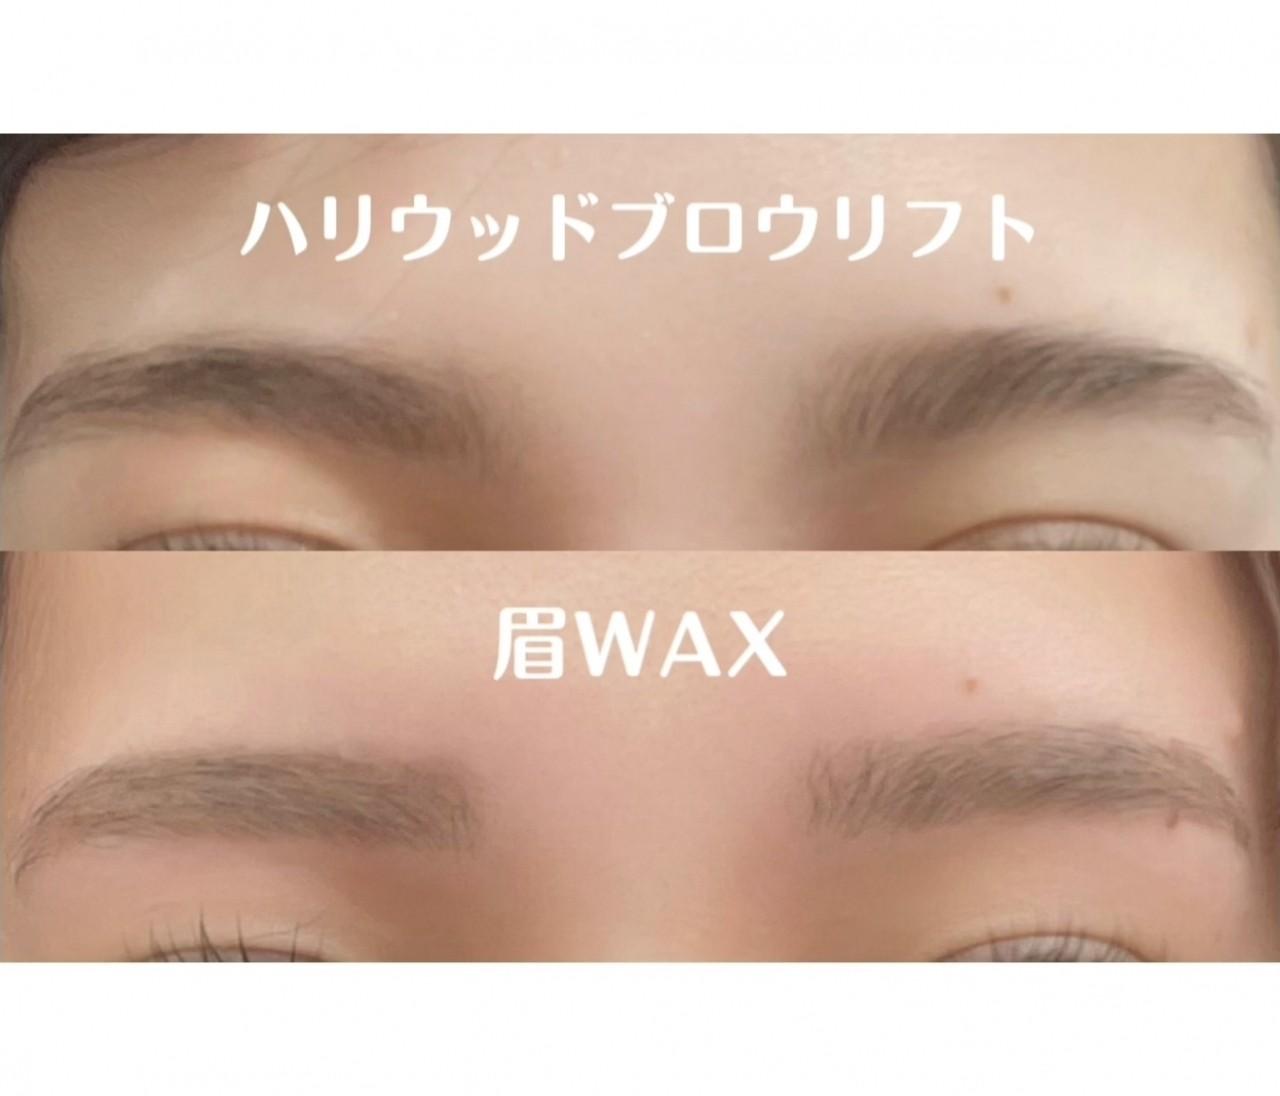 【決定版】どっちがいい?!ハリウッドブロウリフトor美眉WAX